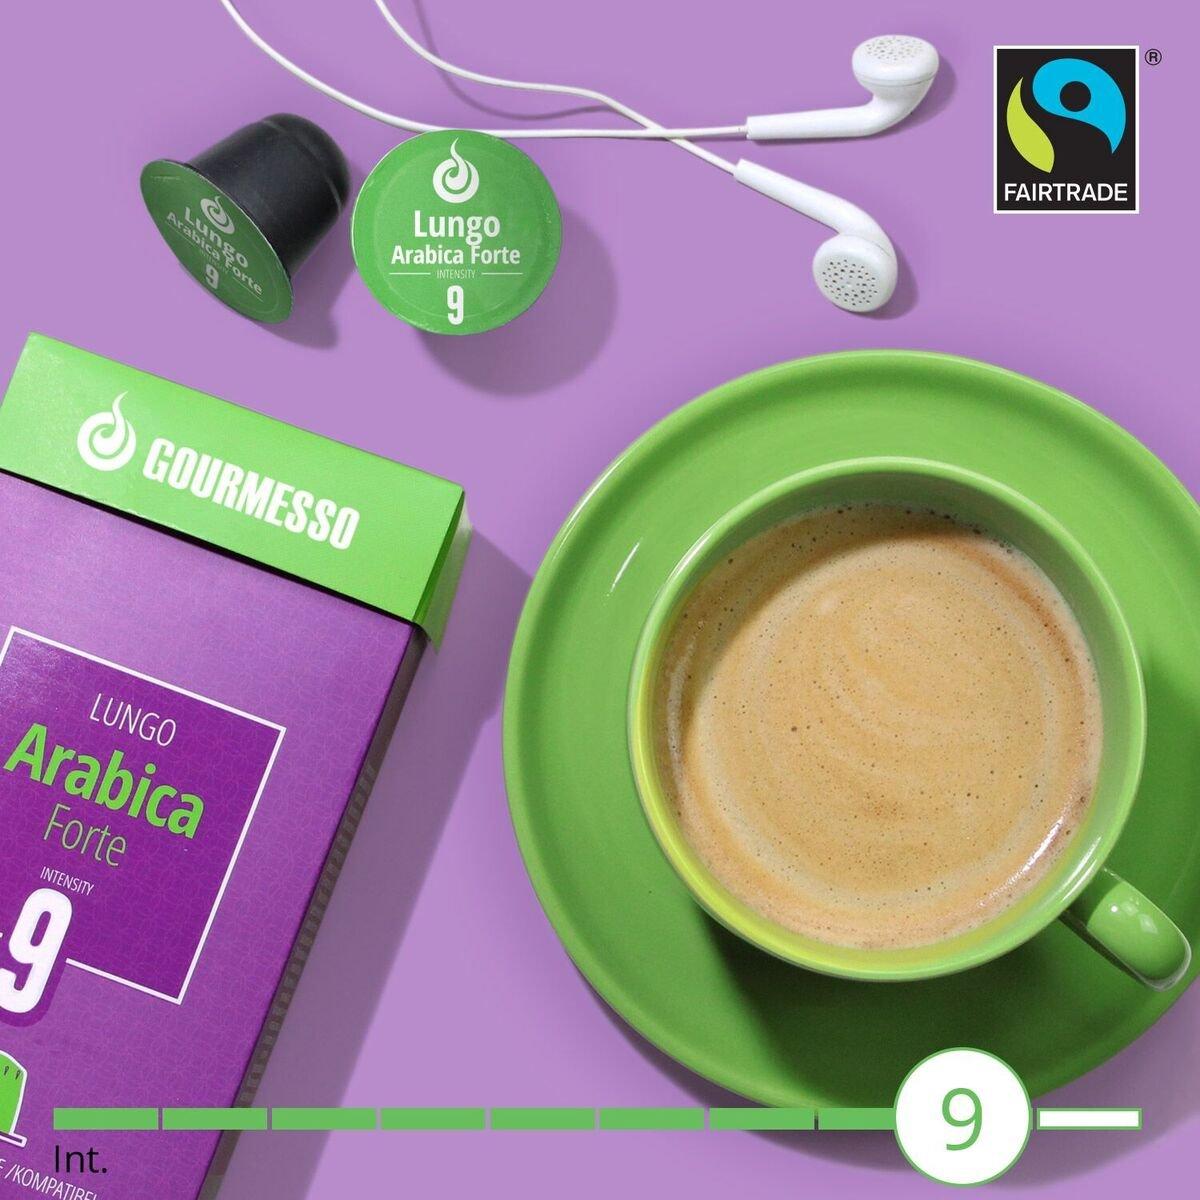 Gourmesso Lungo Arabica Forte (30 Capsulas): Amazon.es: Alimentación y bebidas